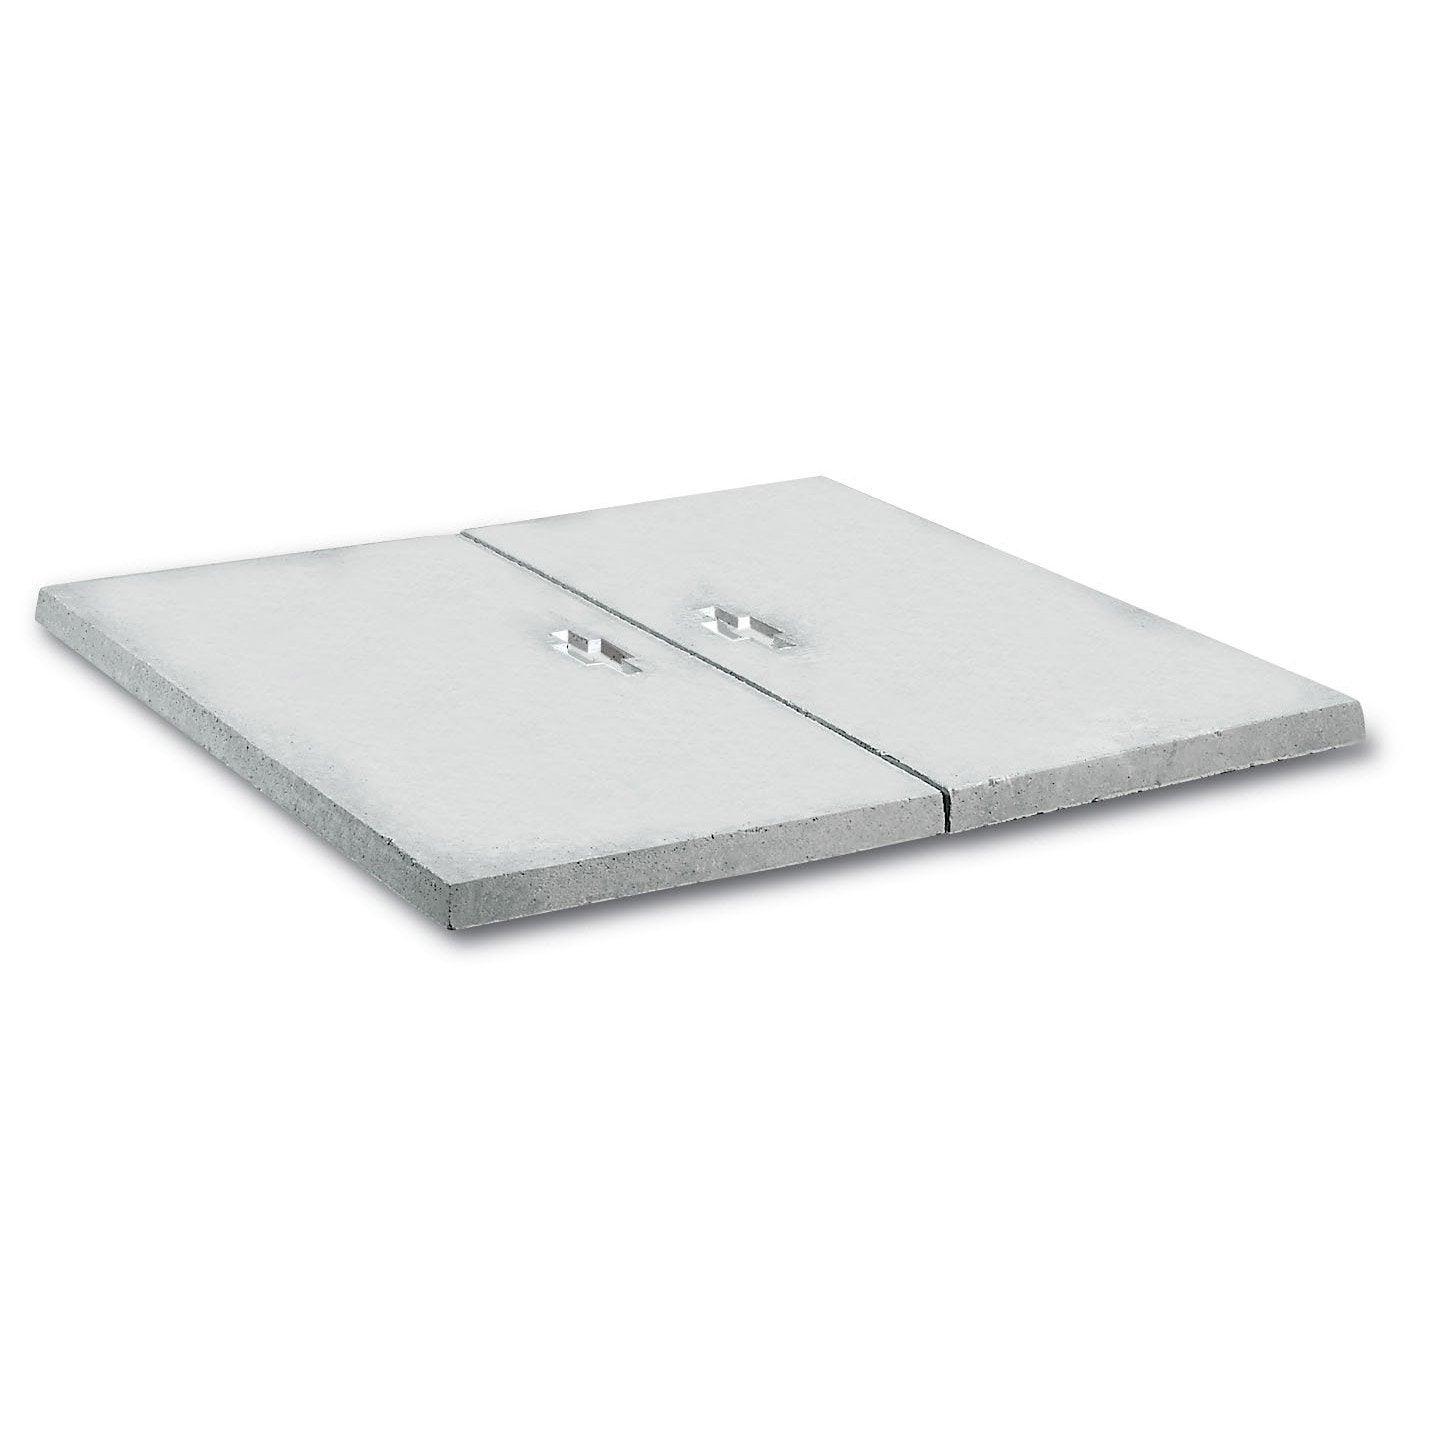 Couvercle pour abri b ton gris legouez x cm leroy merlin - Plaque beton leroy merlin ...